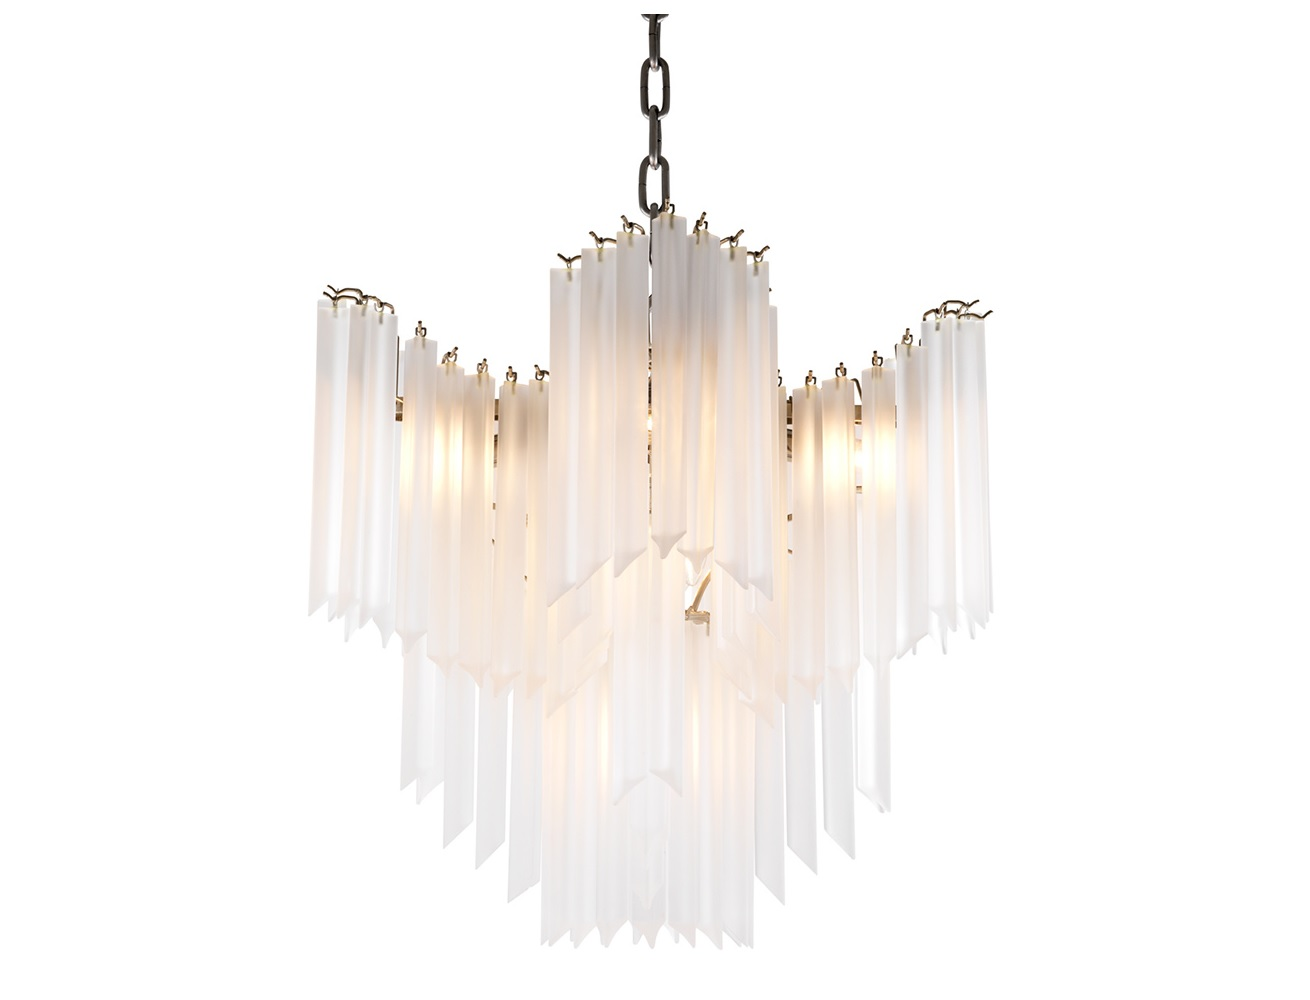 Люстра Chandelier PulsarЛюстры подвесные<br>Подвесной светильник из коллекции Chandelier Pulsar на никелированной арматуре. Плафон выполнен из многоуровневых пластин из стекла матового белого цвета. Высота светильника регулируется за счет звеньев цепи.&amp;lt;div&amp;gt;&amp;lt;br&amp;gt;&amp;lt;/div&amp;gt;&amp;lt;div&amp;gt;&amp;lt;div&amp;gt;&amp;lt;div&amp;gt;Вид цоколя: E14&amp;lt;/div&amp;gt;&amp;lt;div&amp;gt;Мощность лампы: 40W&amp;lt;/div&amp;gt;&amp;lt;div&amp;gt;Количество ламп: 9&amp;lt;/div&amp;gt;&amp;lt;/div&amp;gt;&amp;lt;div&amp;gt;&amp;lt;br&amp;gt;&amp;lt;/div&amp;gt;&amp;lt;div&amp;gt;Лампочки в комплект не входят.&amp;lt;/div&amp;gt;&amp;lt;/div&amp;gt;<br><br>Material: Стекло<br>Ширина см: 60.0<br>Высота см: 60.0<br>Глубина см: 60.0